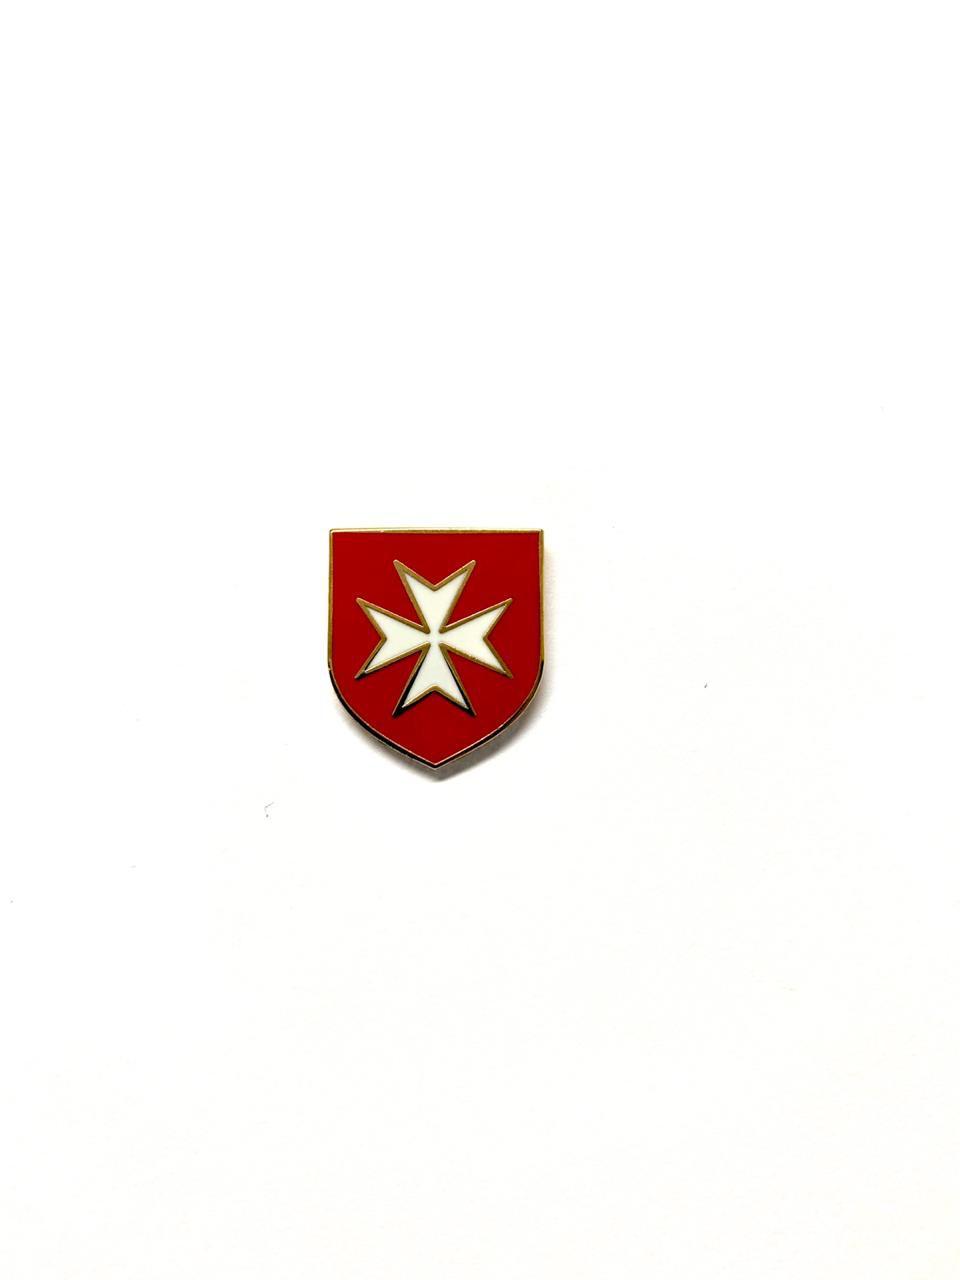 Escudo do Templário Vermelho - DM